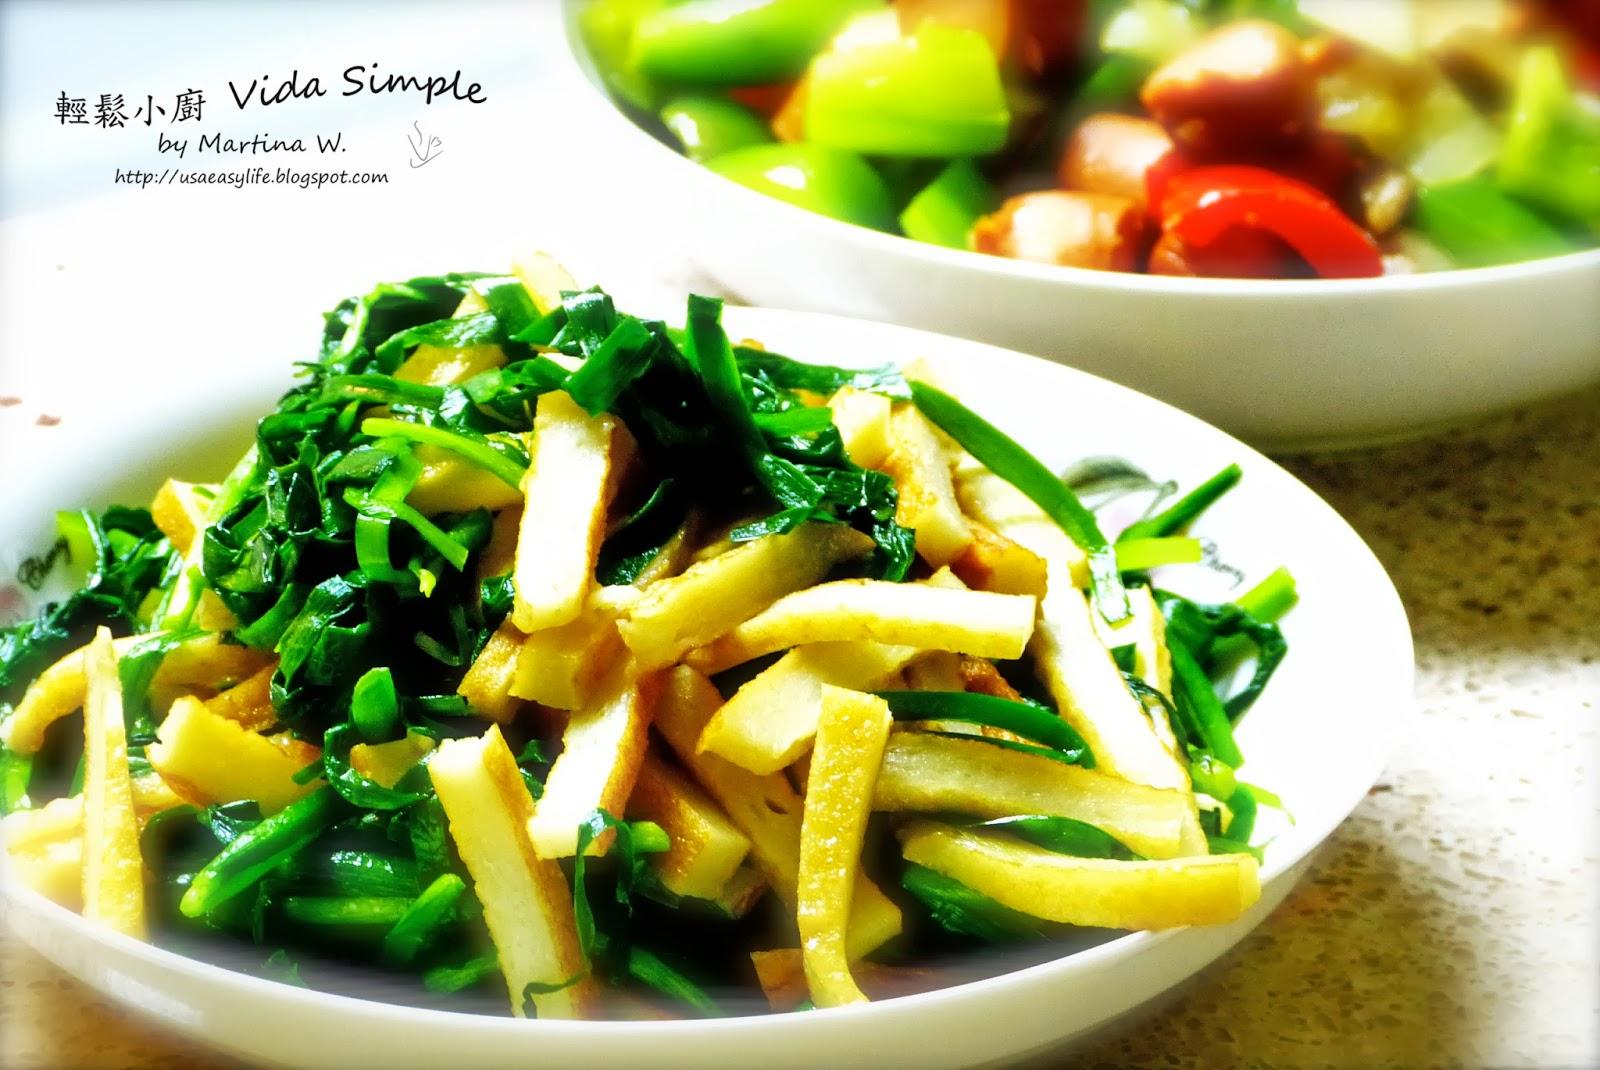 韭香魚板 | 輕鬆小廚 Vida Simple